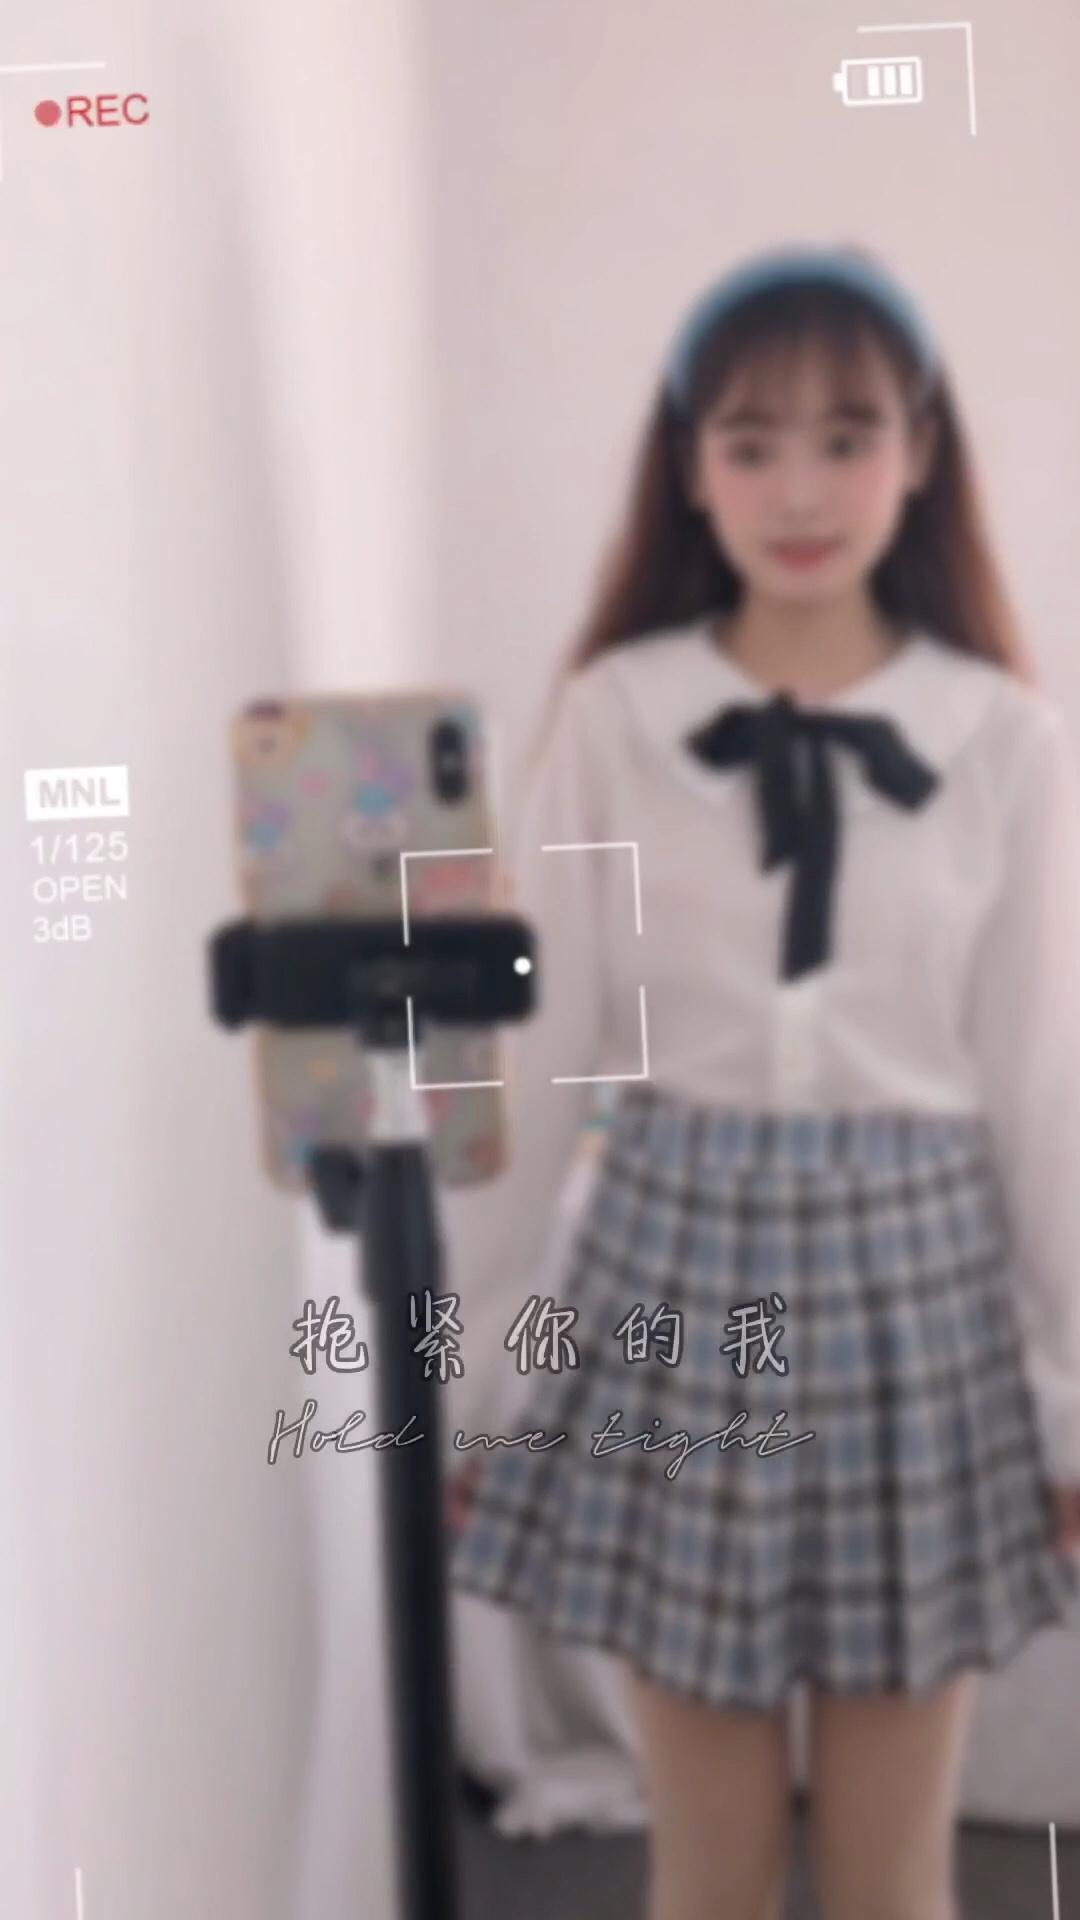 #2020必入春夏单品# 小杨来分享小个子春季上衣了